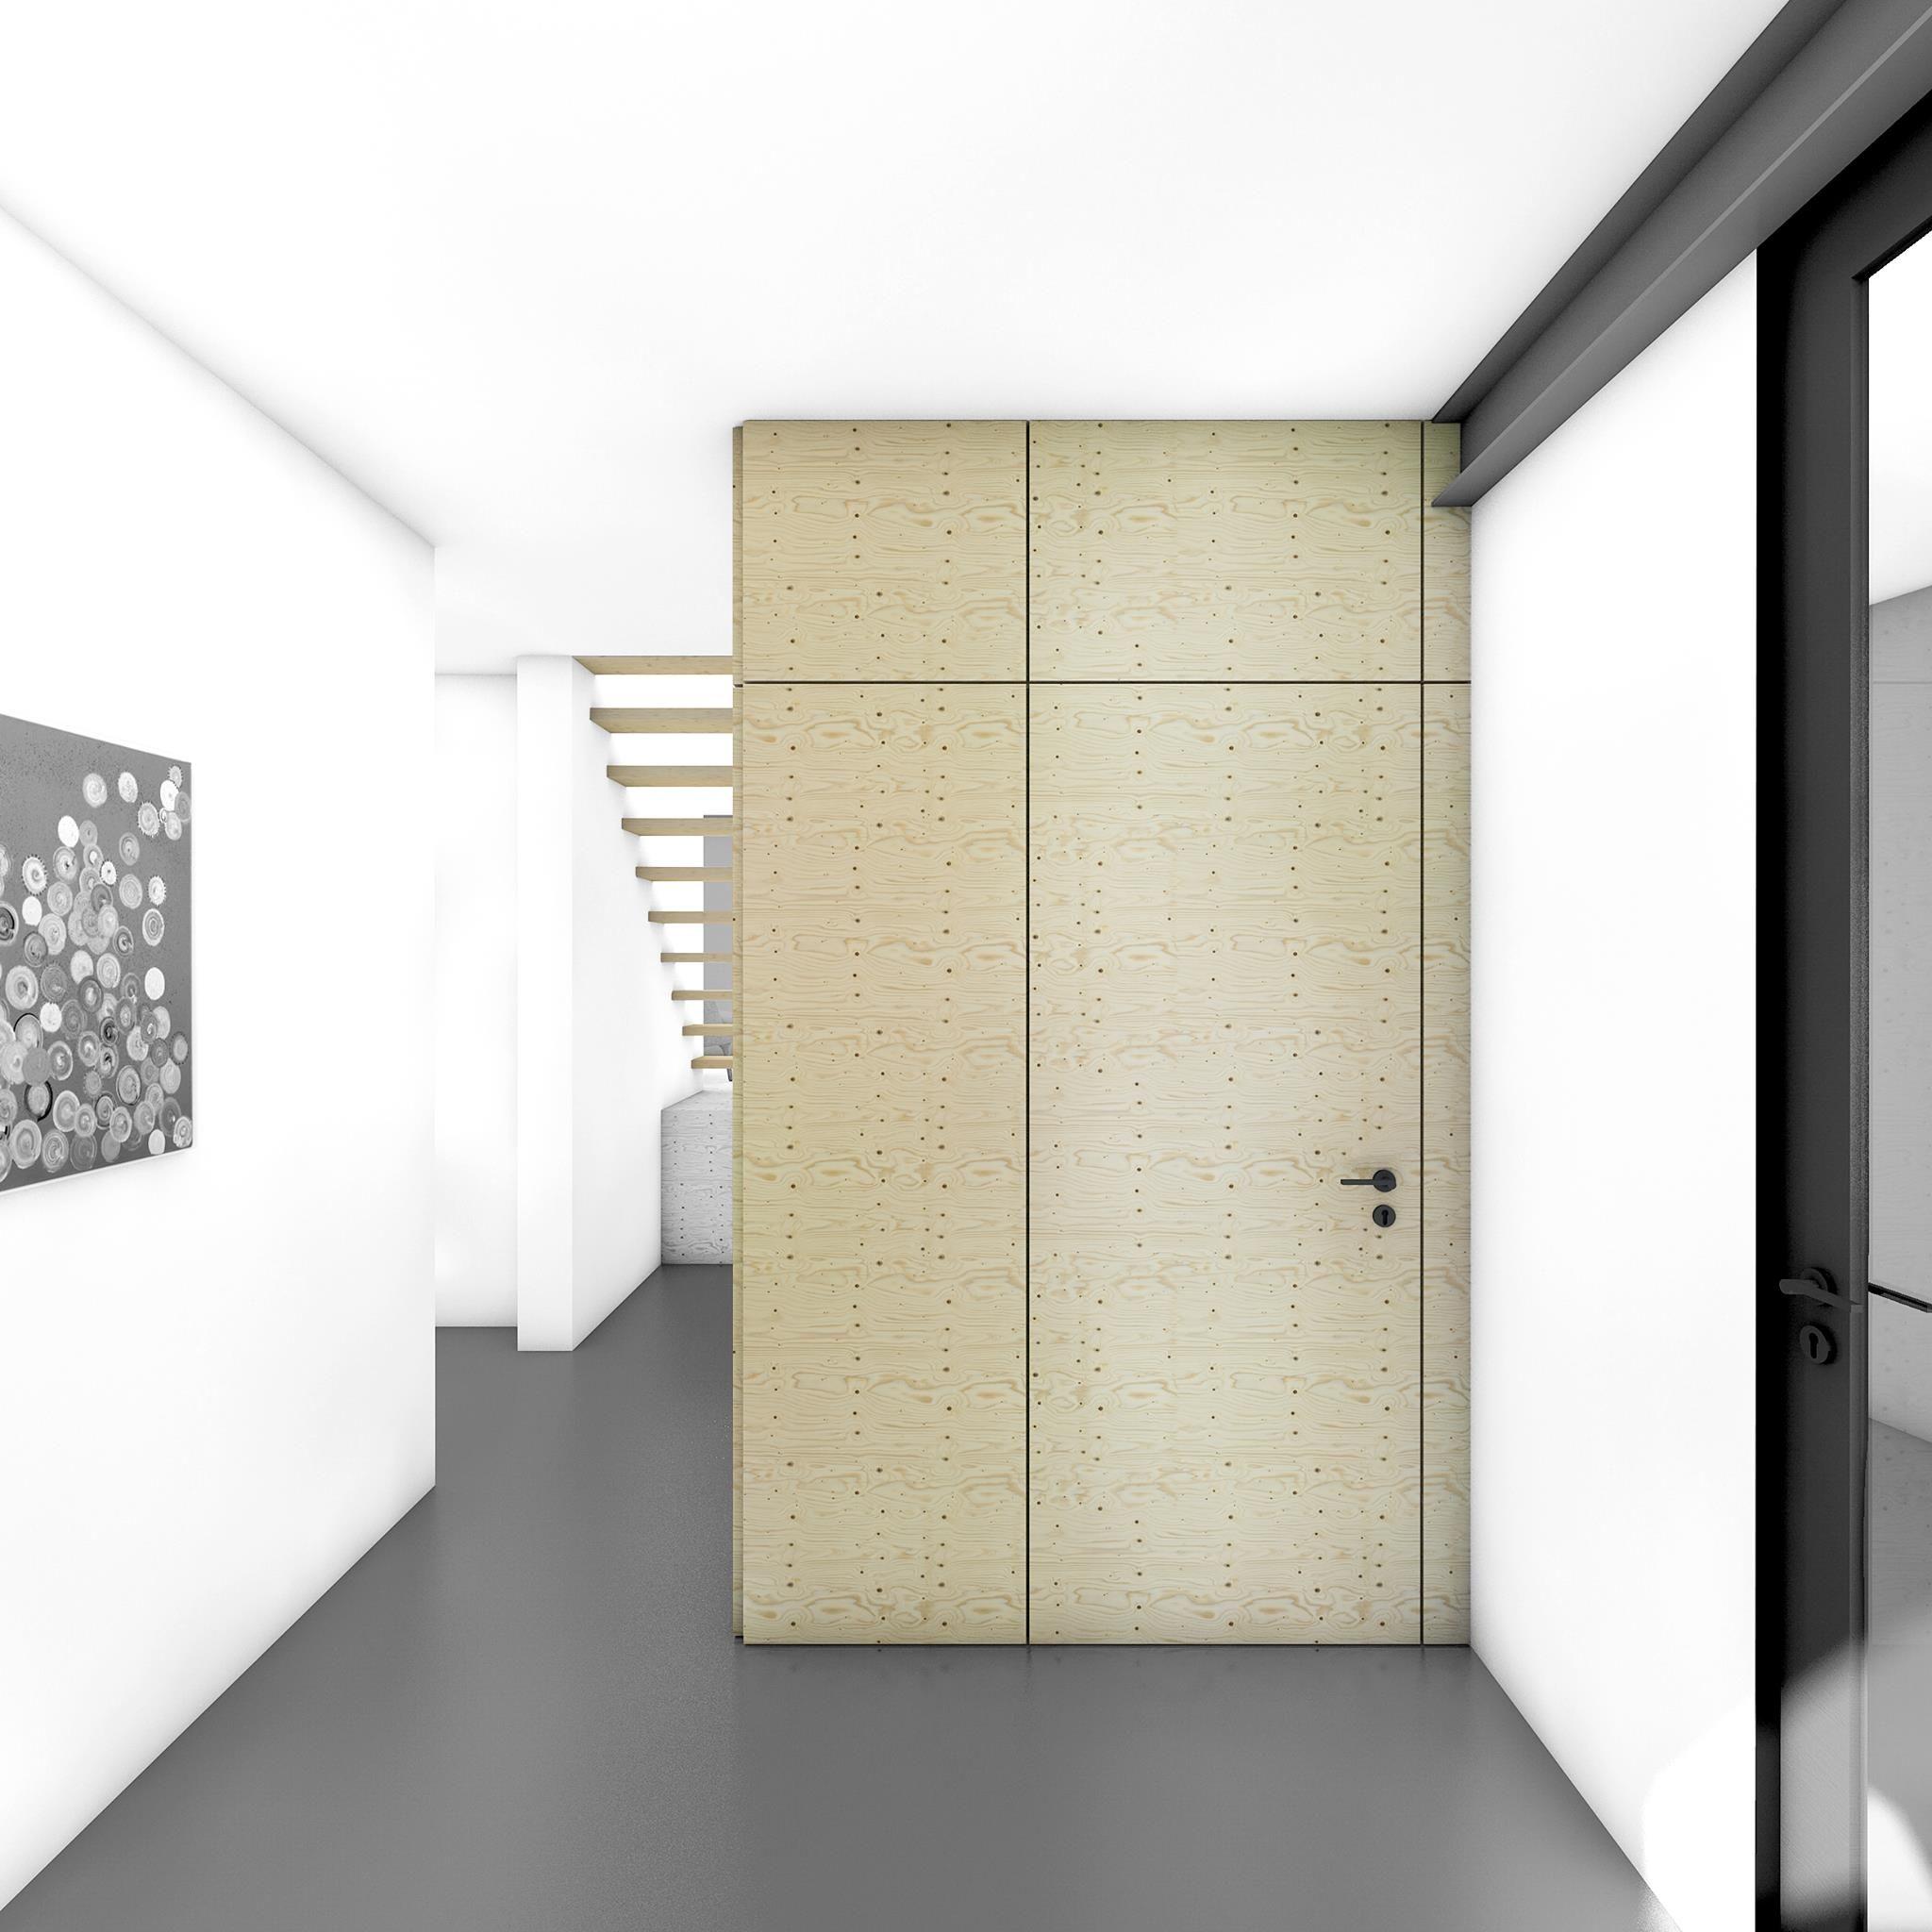 Ontwerp werkhuis hal voorheen hal boerderij verbouwing ontwerp architect - Hal ingang ontwerp ...